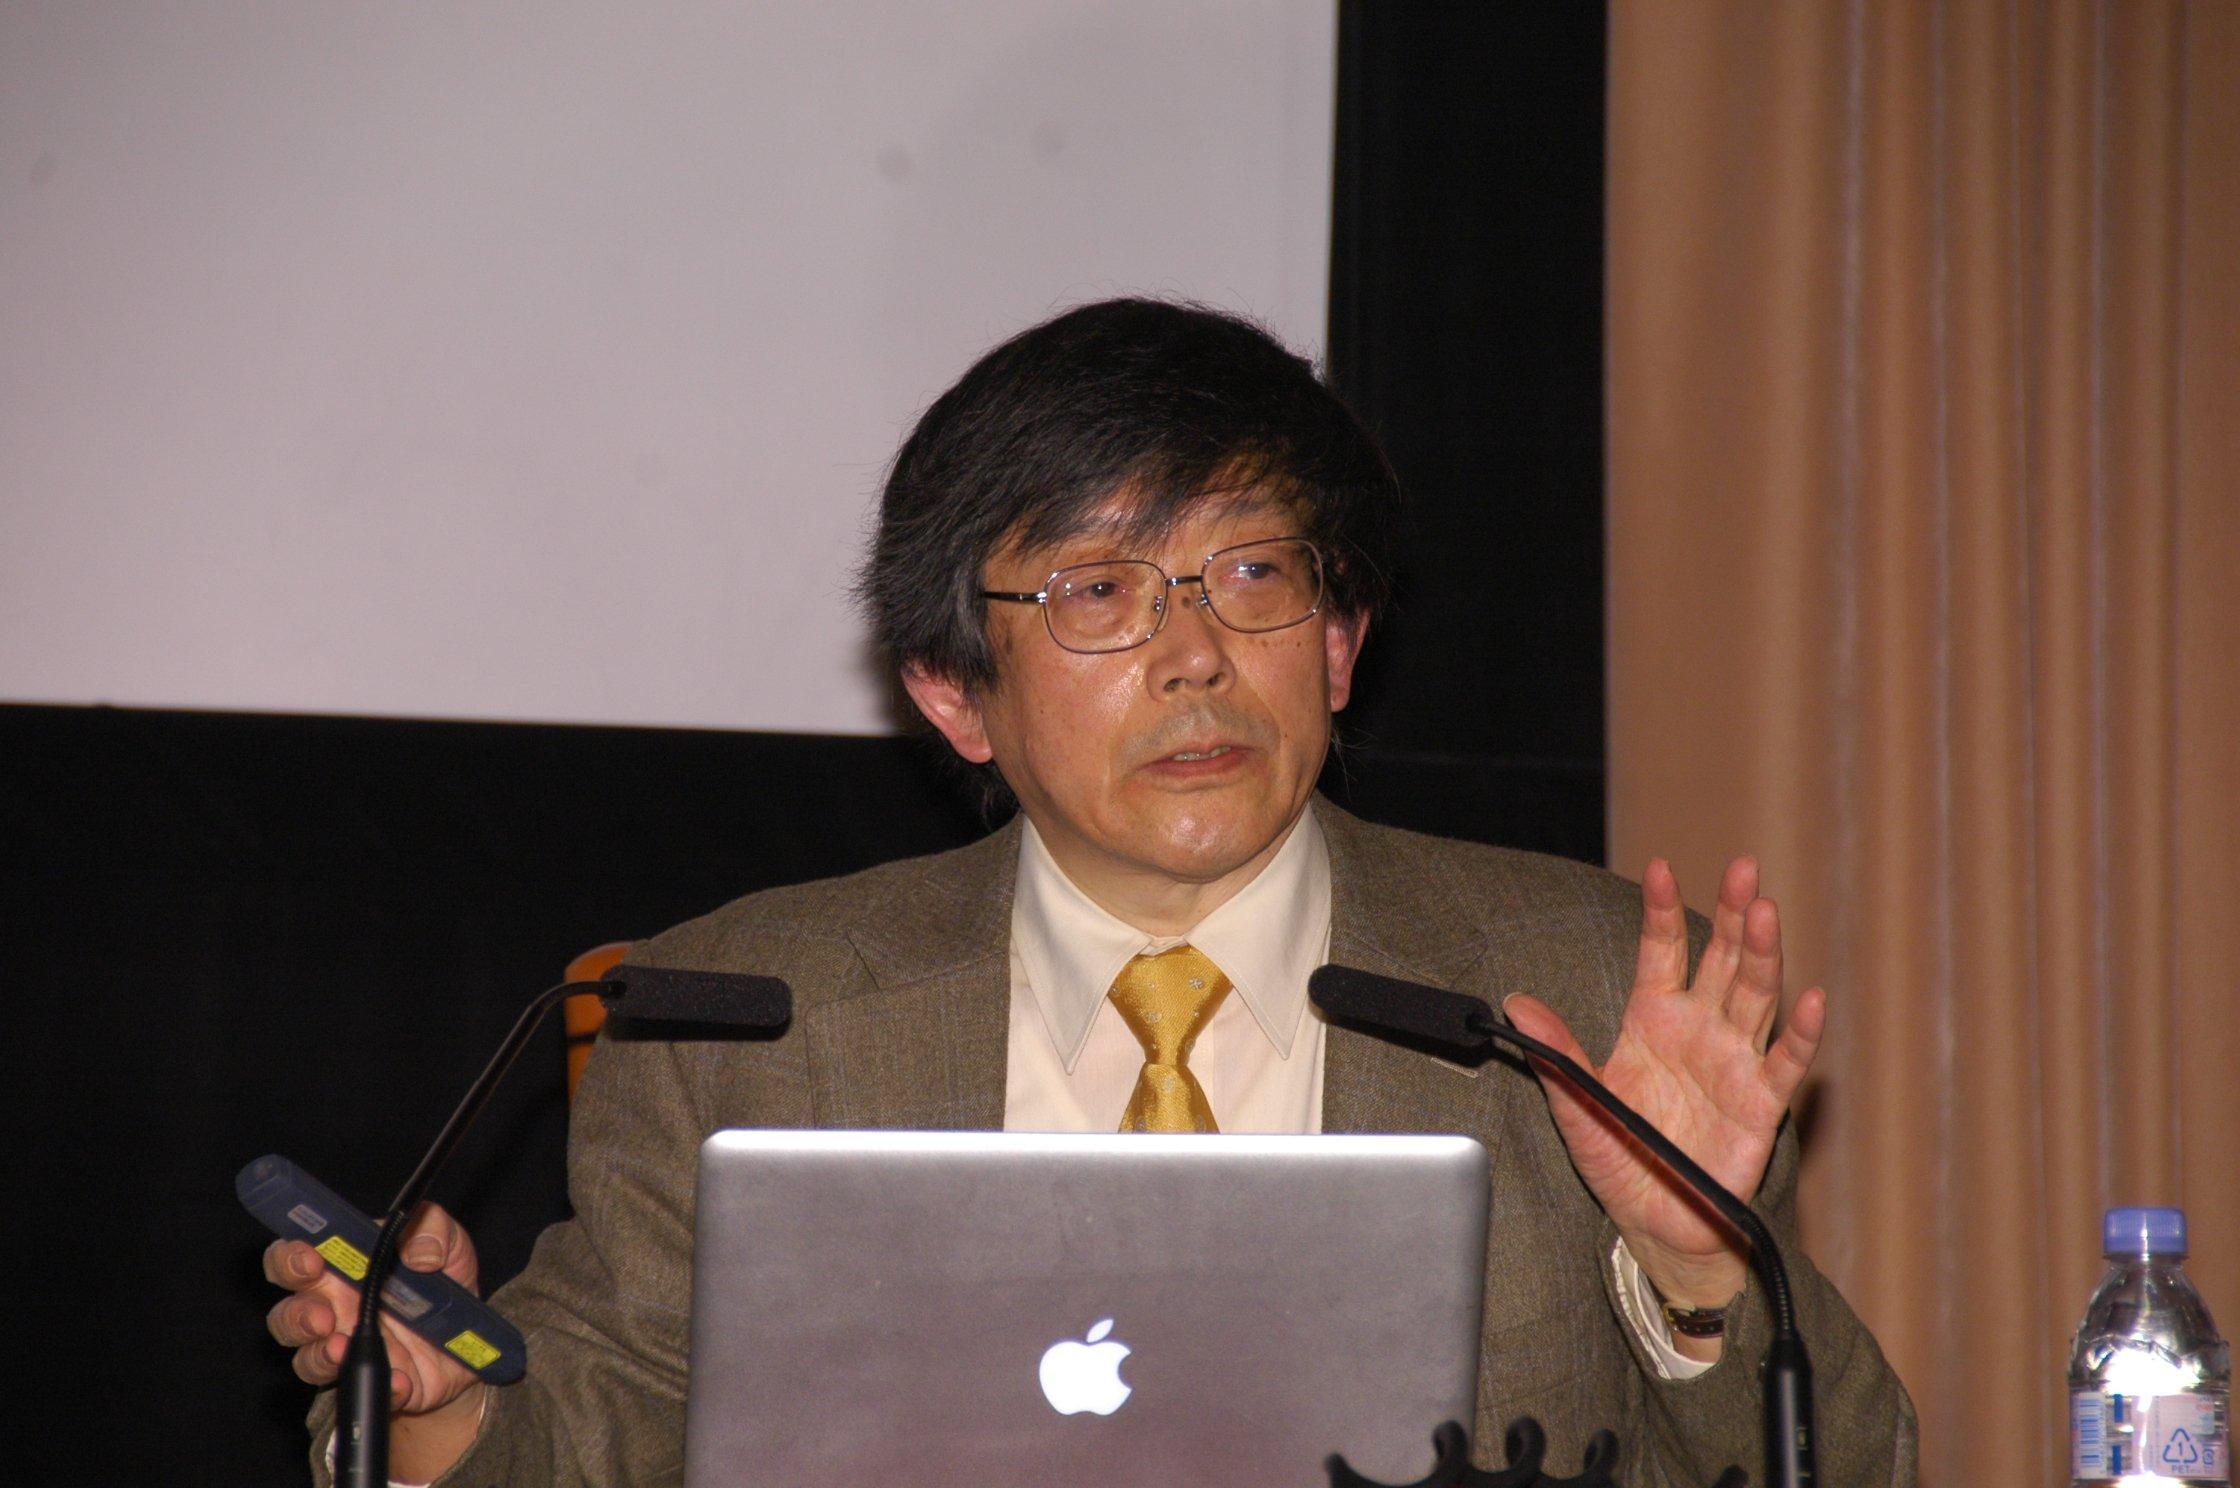 石橋克彦 神戸大学名誉教授